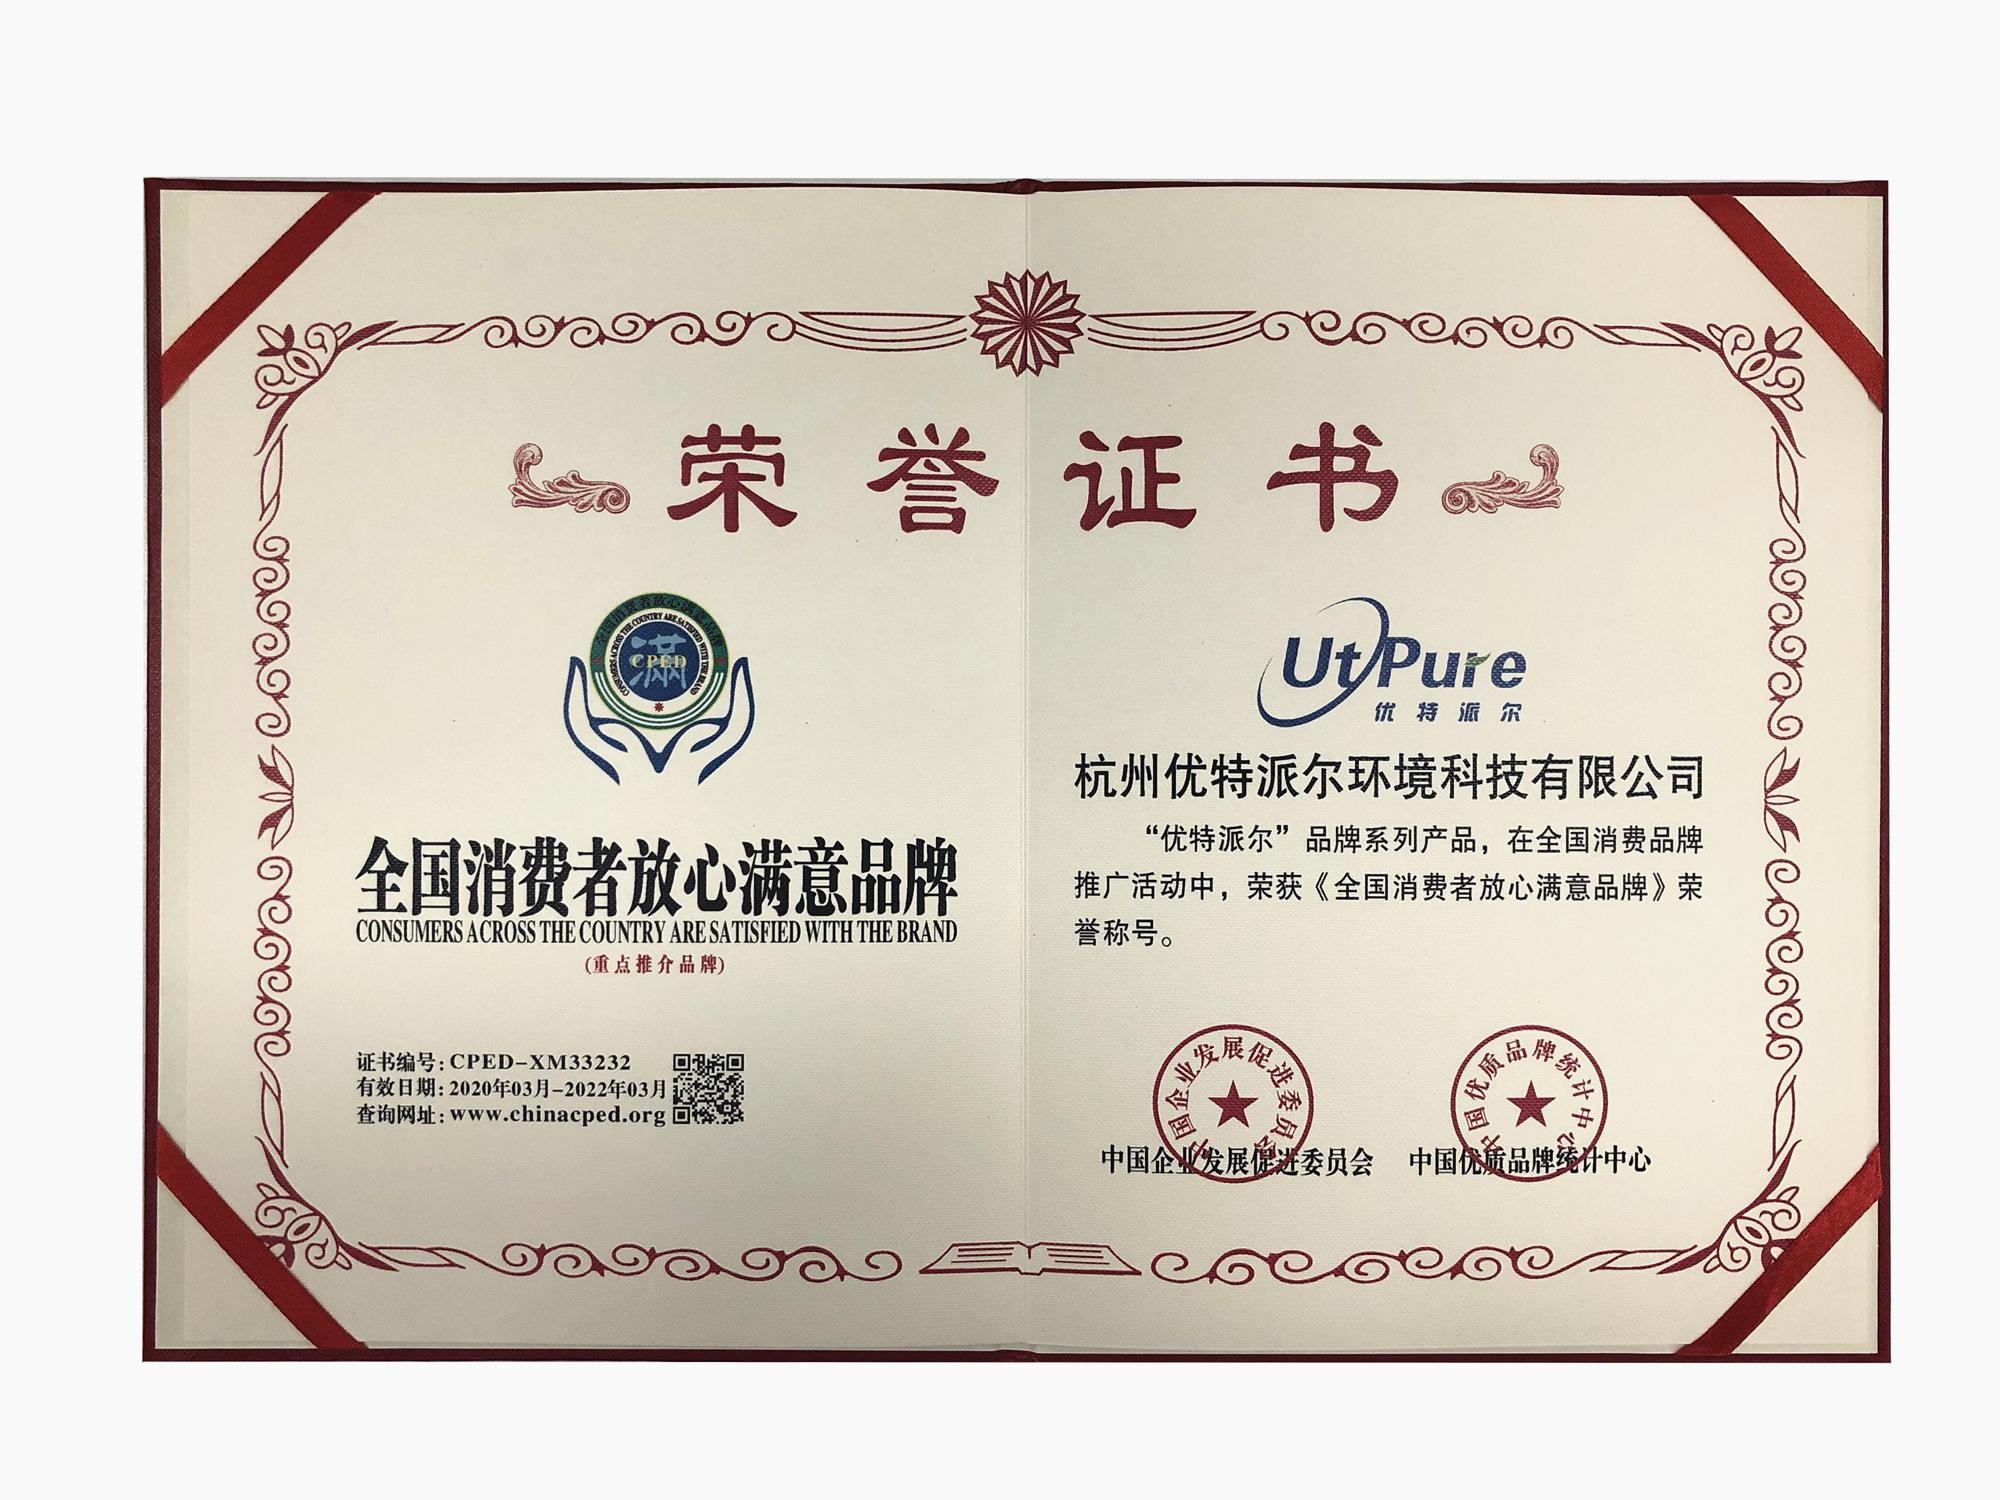 """喜报!优特派尔荣获""""全国消费者放心满意品牌""""殊誉"""